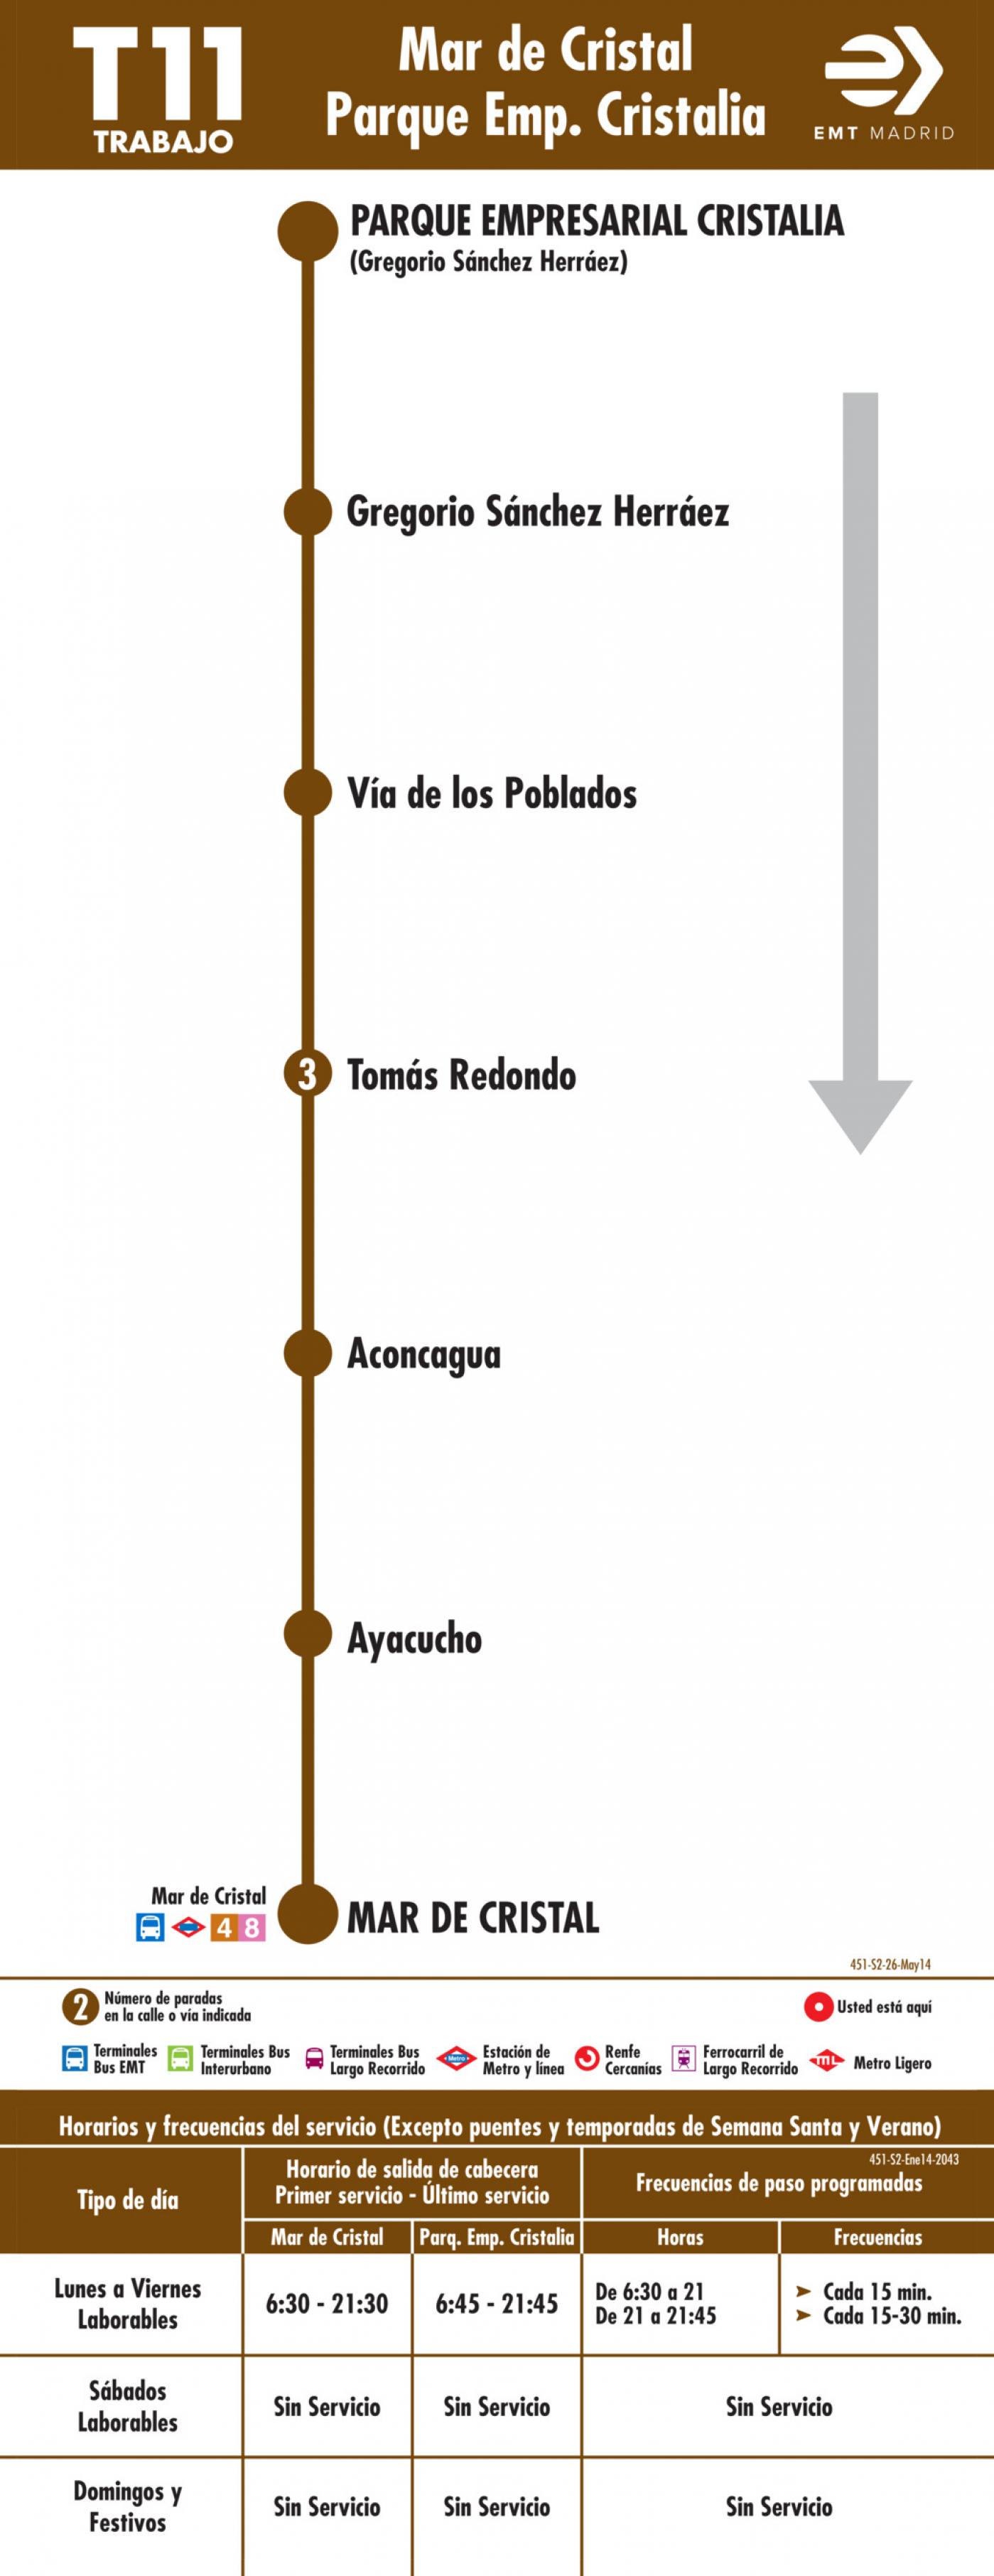 Tabla de horarios y frecuencias de paso en sentido vuelta Línea T11: Mar de Cristal - Parque Empresarial Cristalia